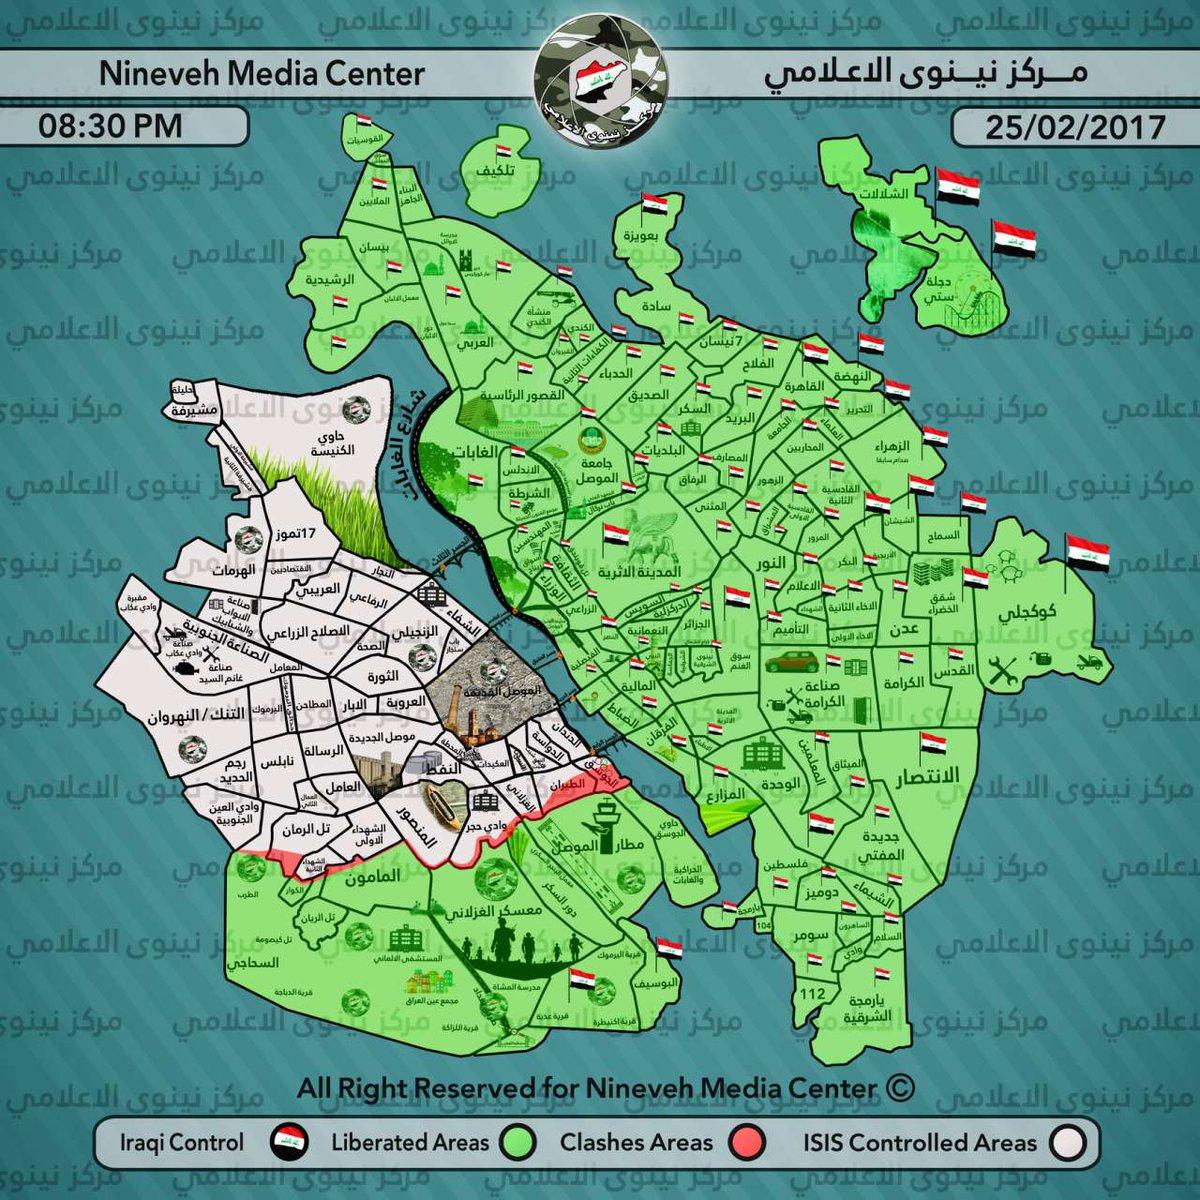 معركة الموصل - صفحة 4 C5h0S39XMAAYZ9f